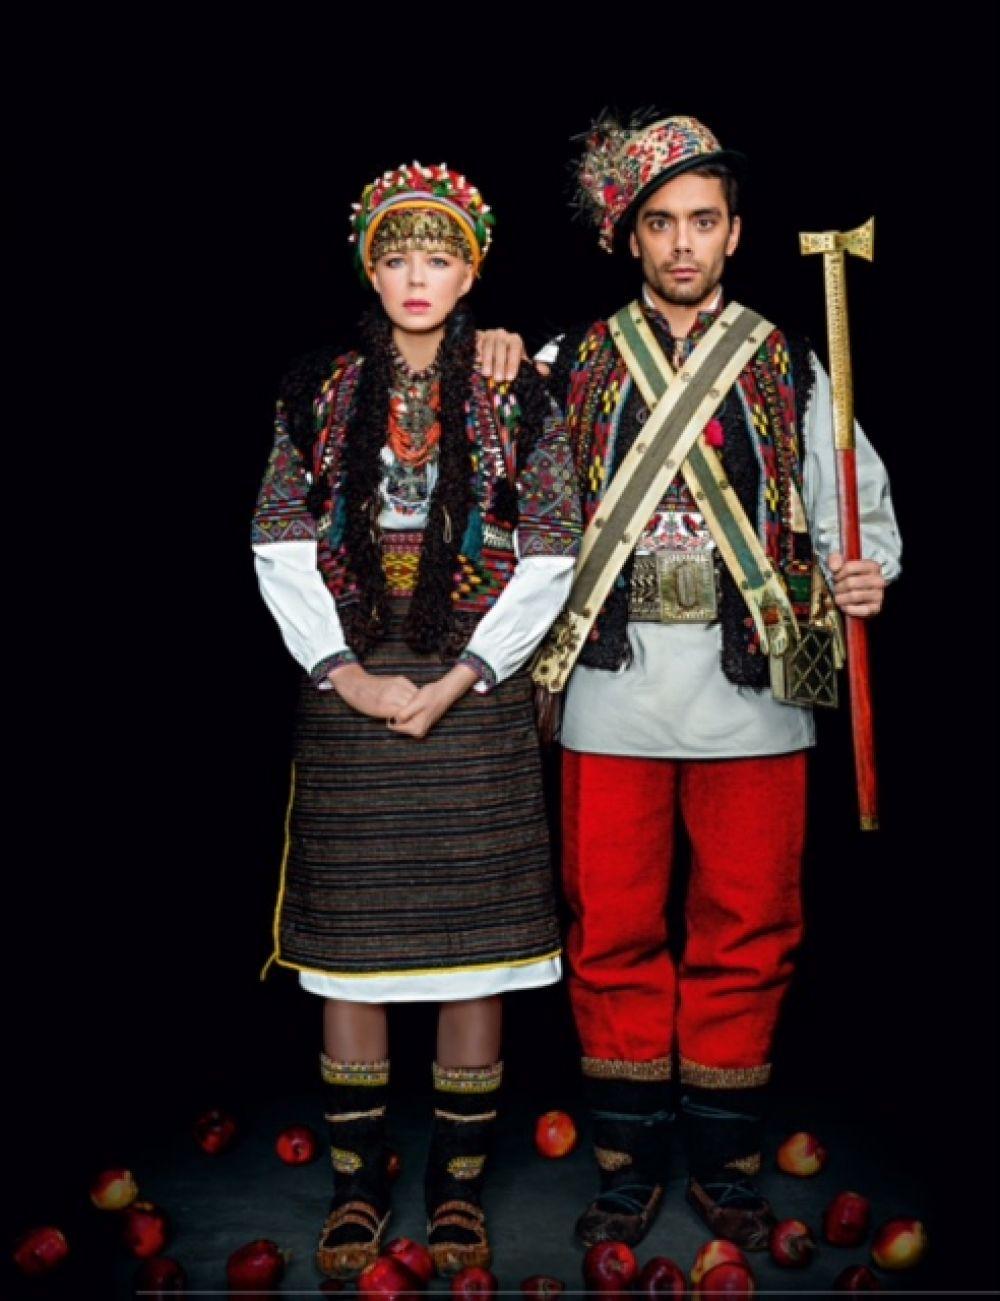 Onuka и The Maneken в таких нарядах уж сильно похожи на настоящих гуцулов